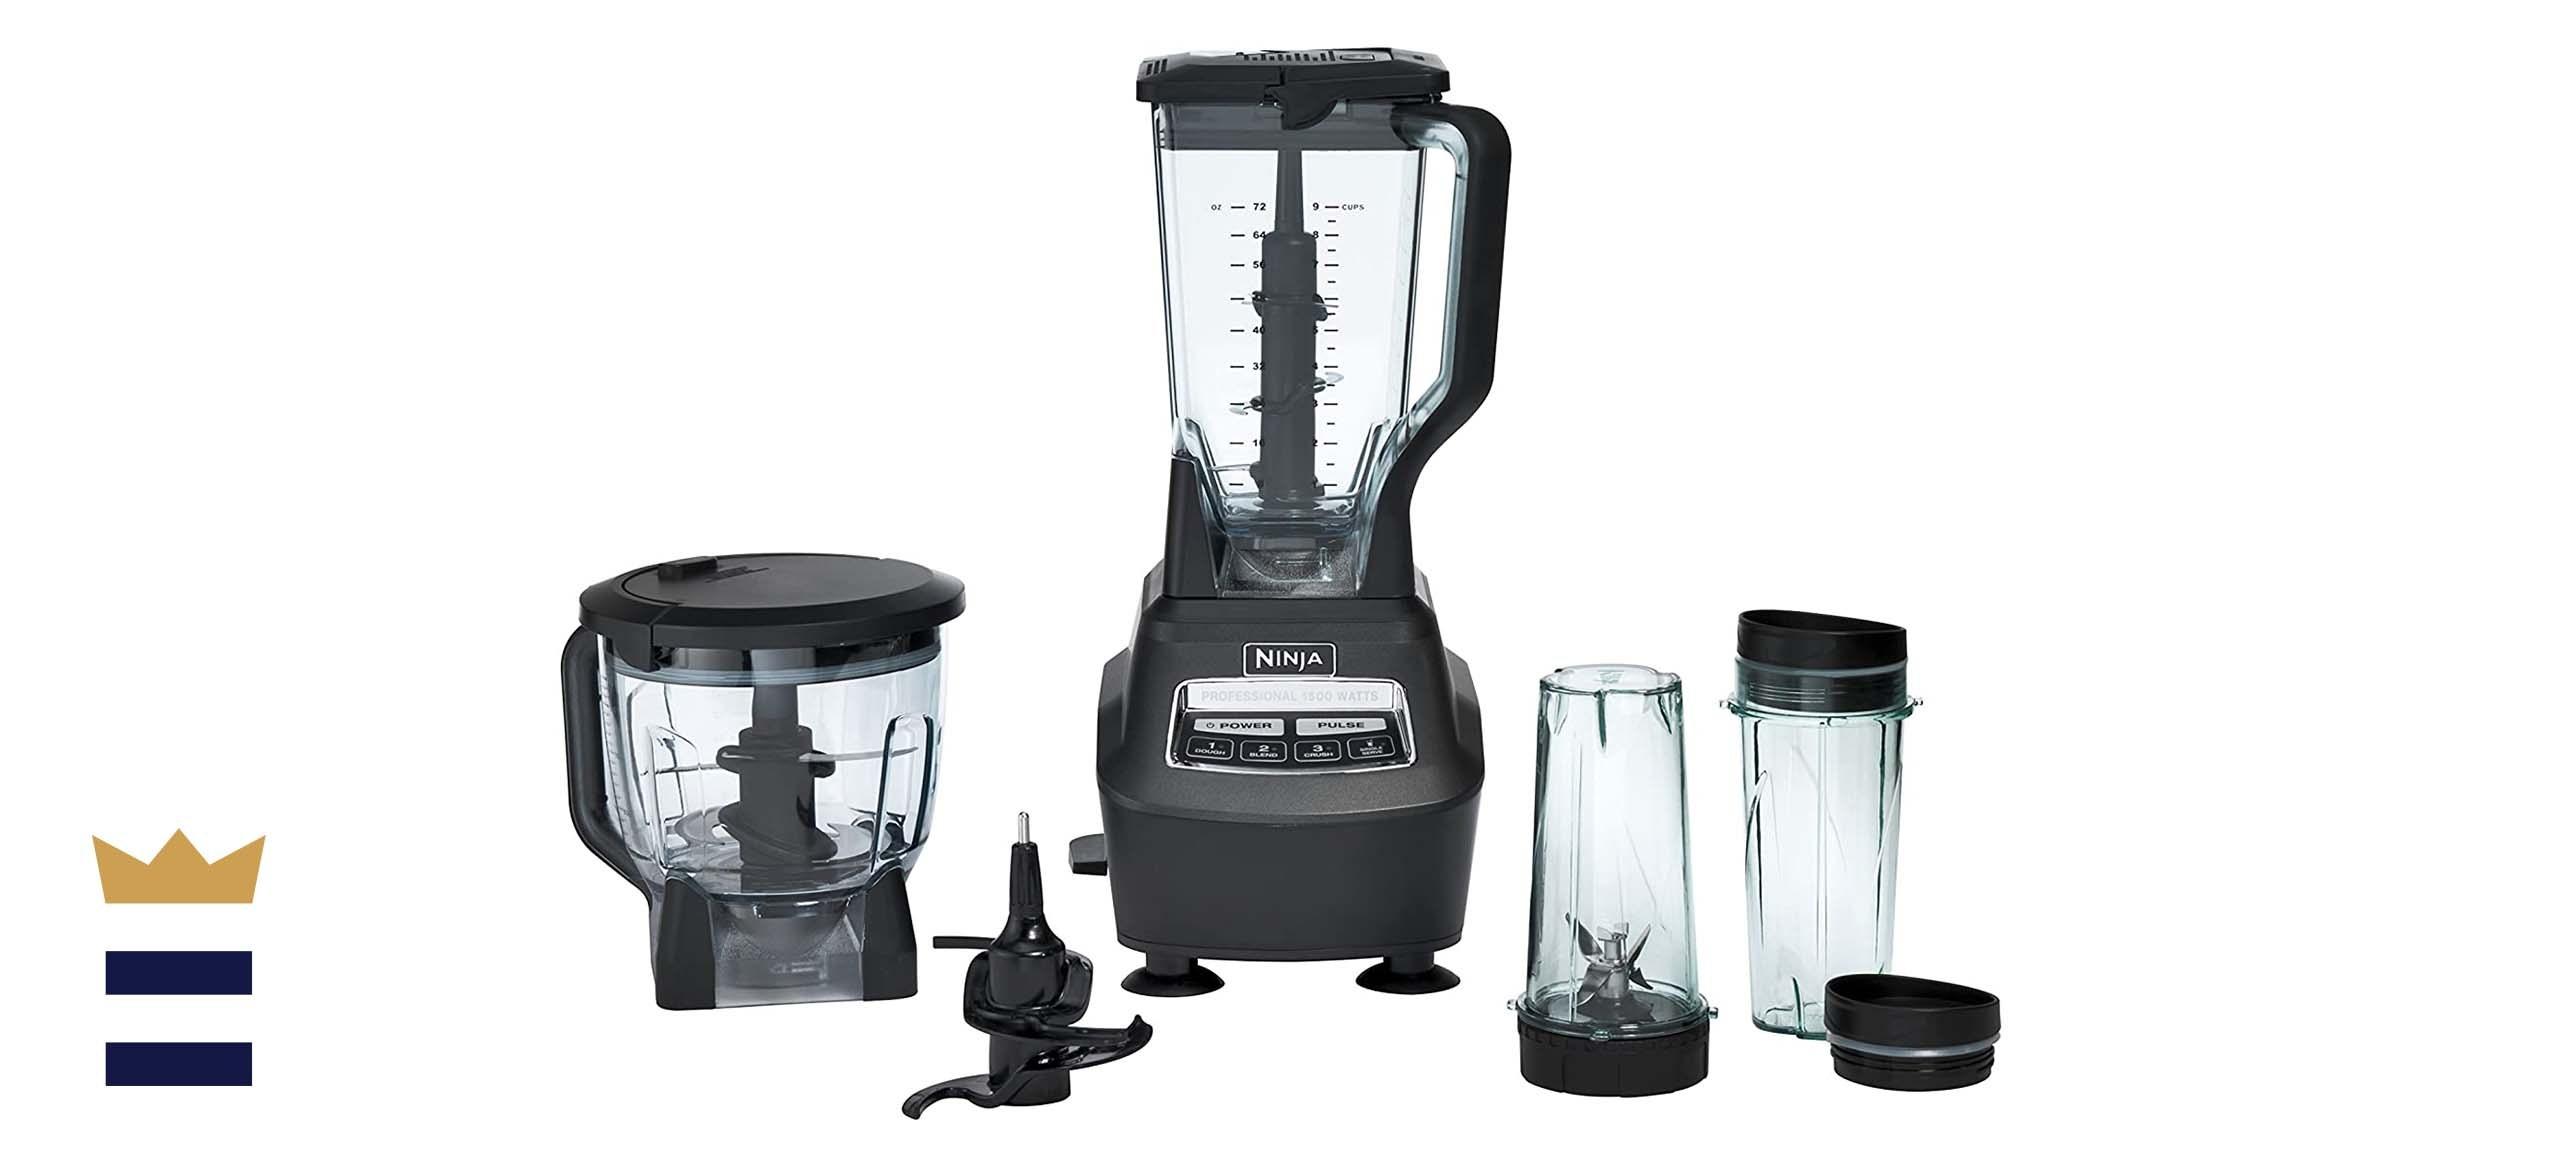 Ninja Mega Kitchen System Blender-Food Processor